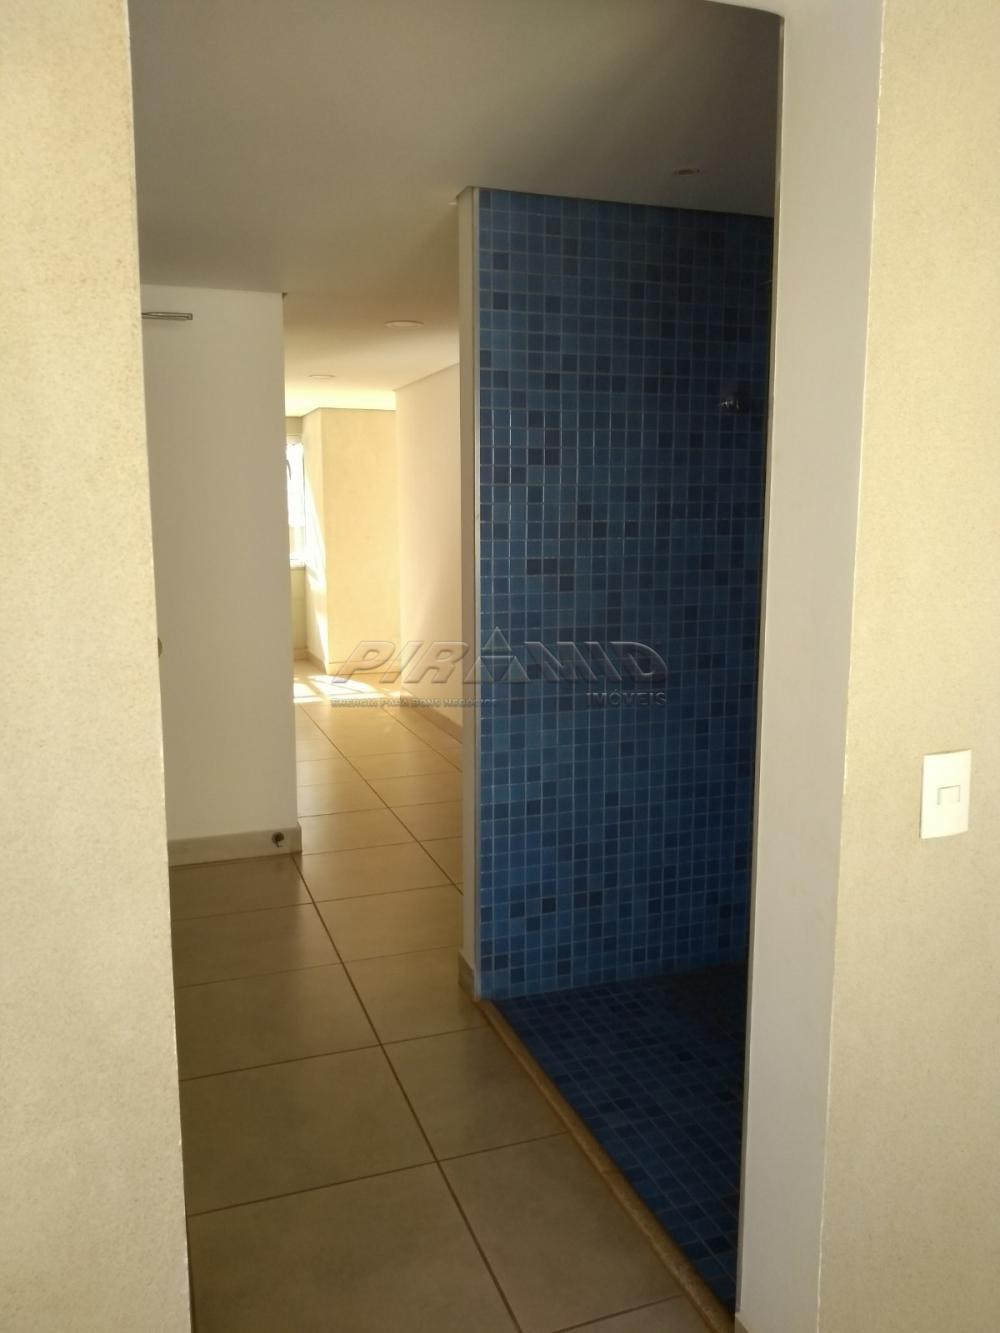 Alugar Apartamento / Padrão em Ribeirão Preto R$ 1.700,00 - Foto 35